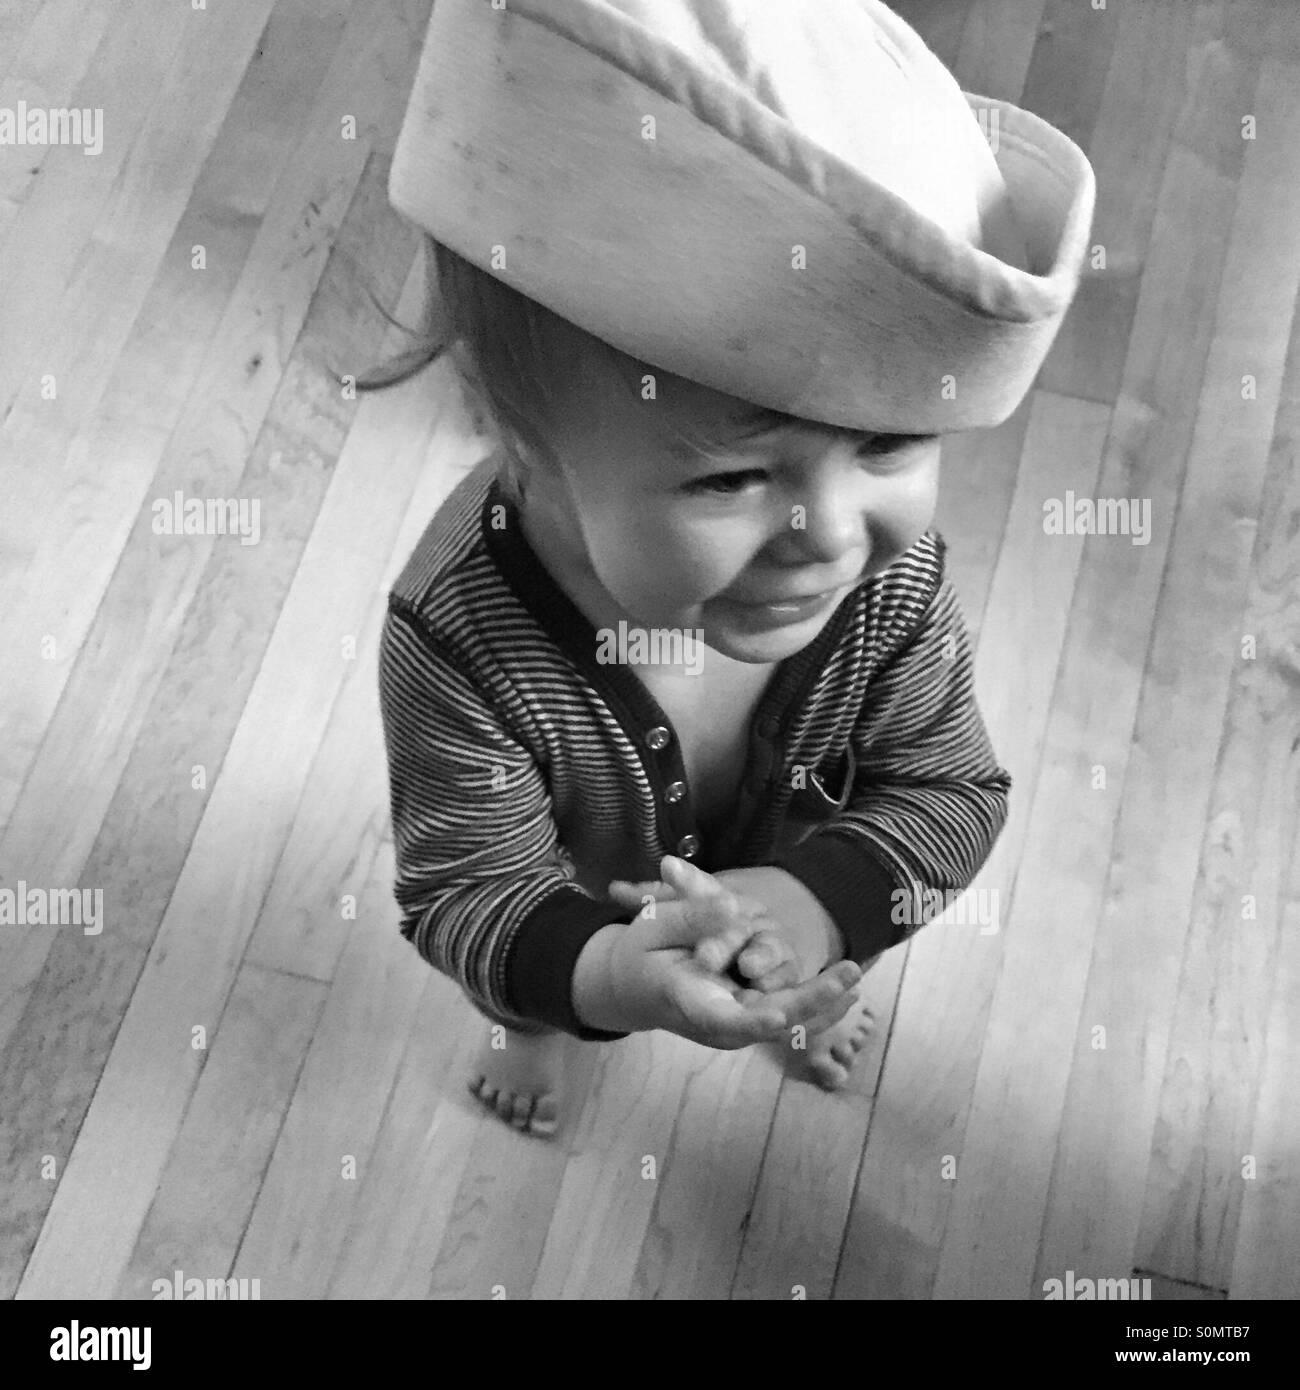 Foto in bianco e nero di un bambino felice che indossa una uniforme del marinaio hat dalla marina Immagini Stock